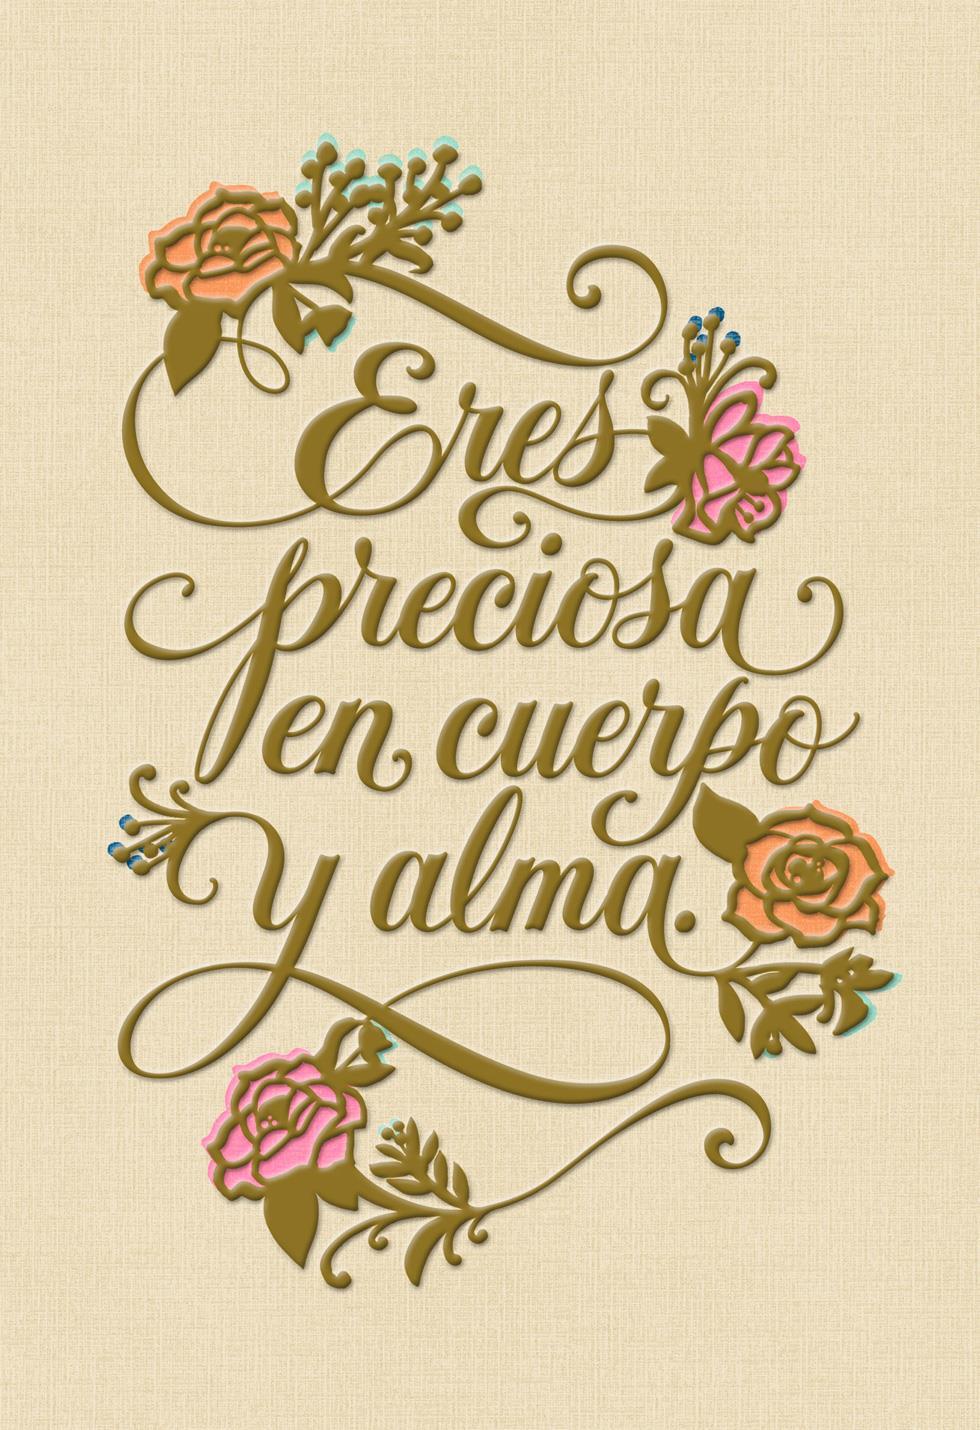 To My Precious Wife Spanish Language Birthday Card